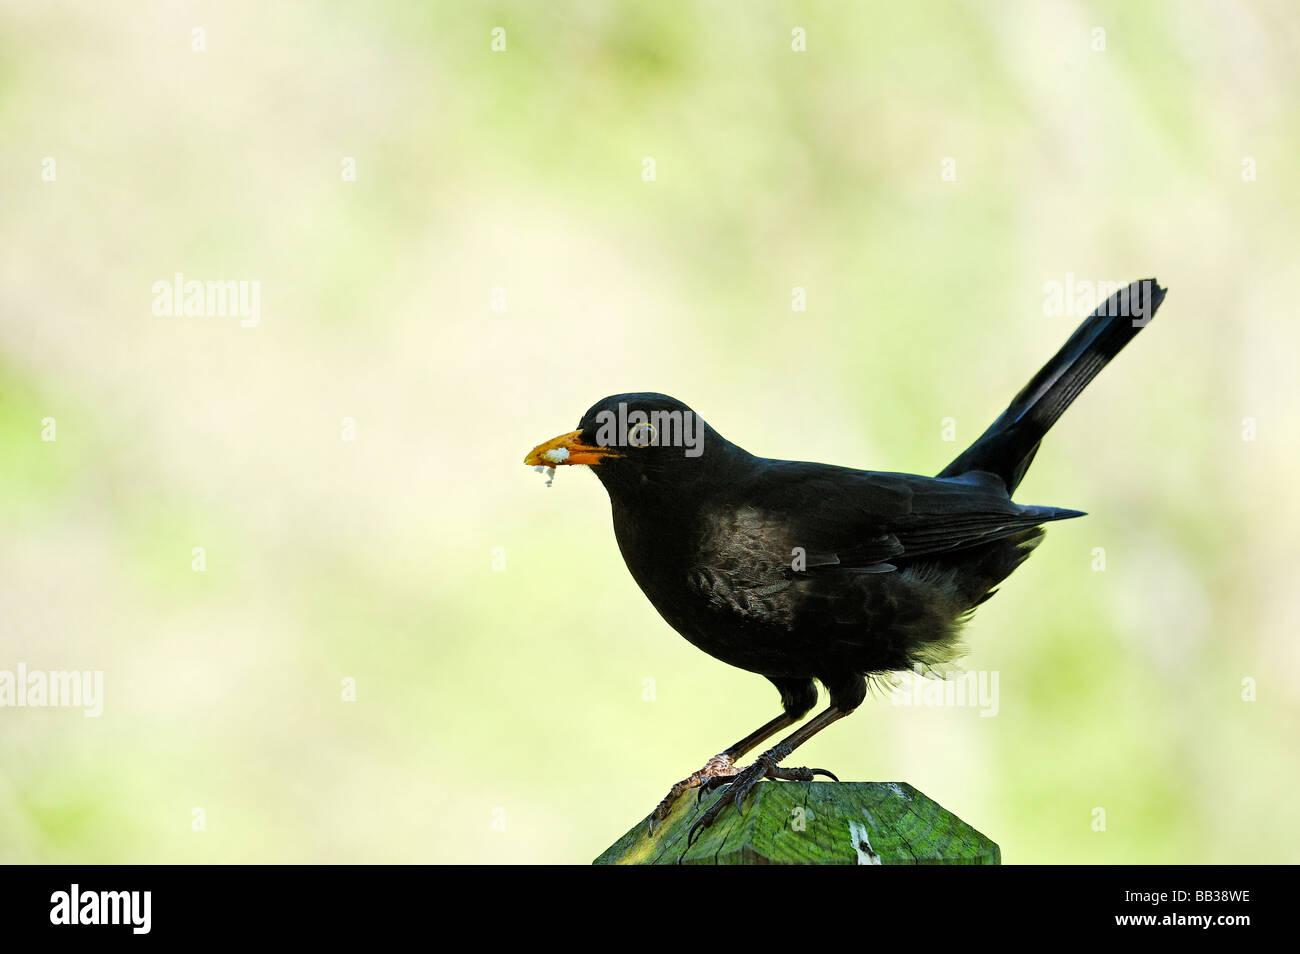 Blackbird holding breadcrumbs in beak - Stock Image